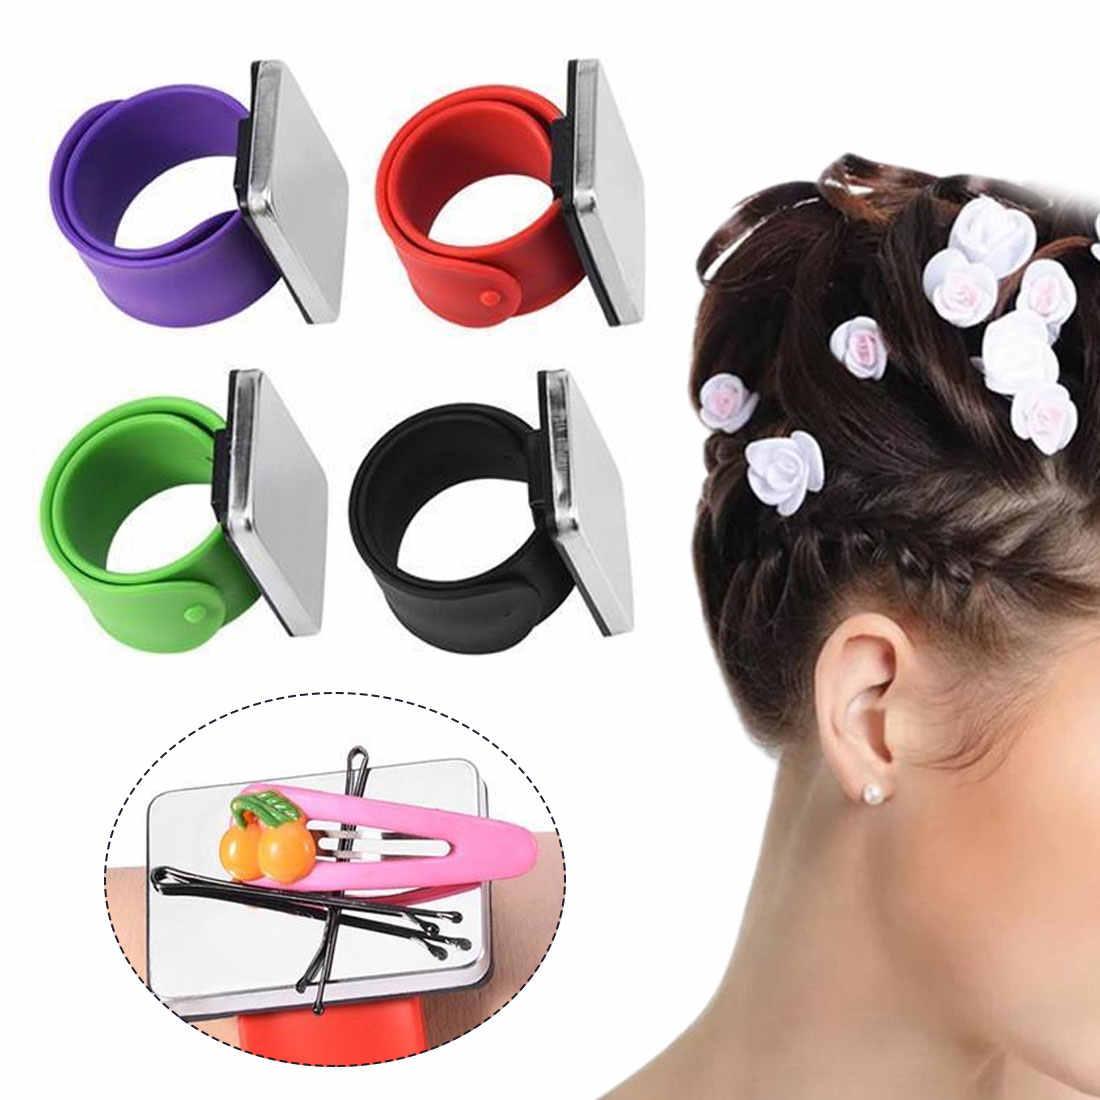 Coiffure аксессуары Магнитный браслет на запястье парикмахерские инструменты для укладки ремень зажим для волос аксессуары заколка для волос